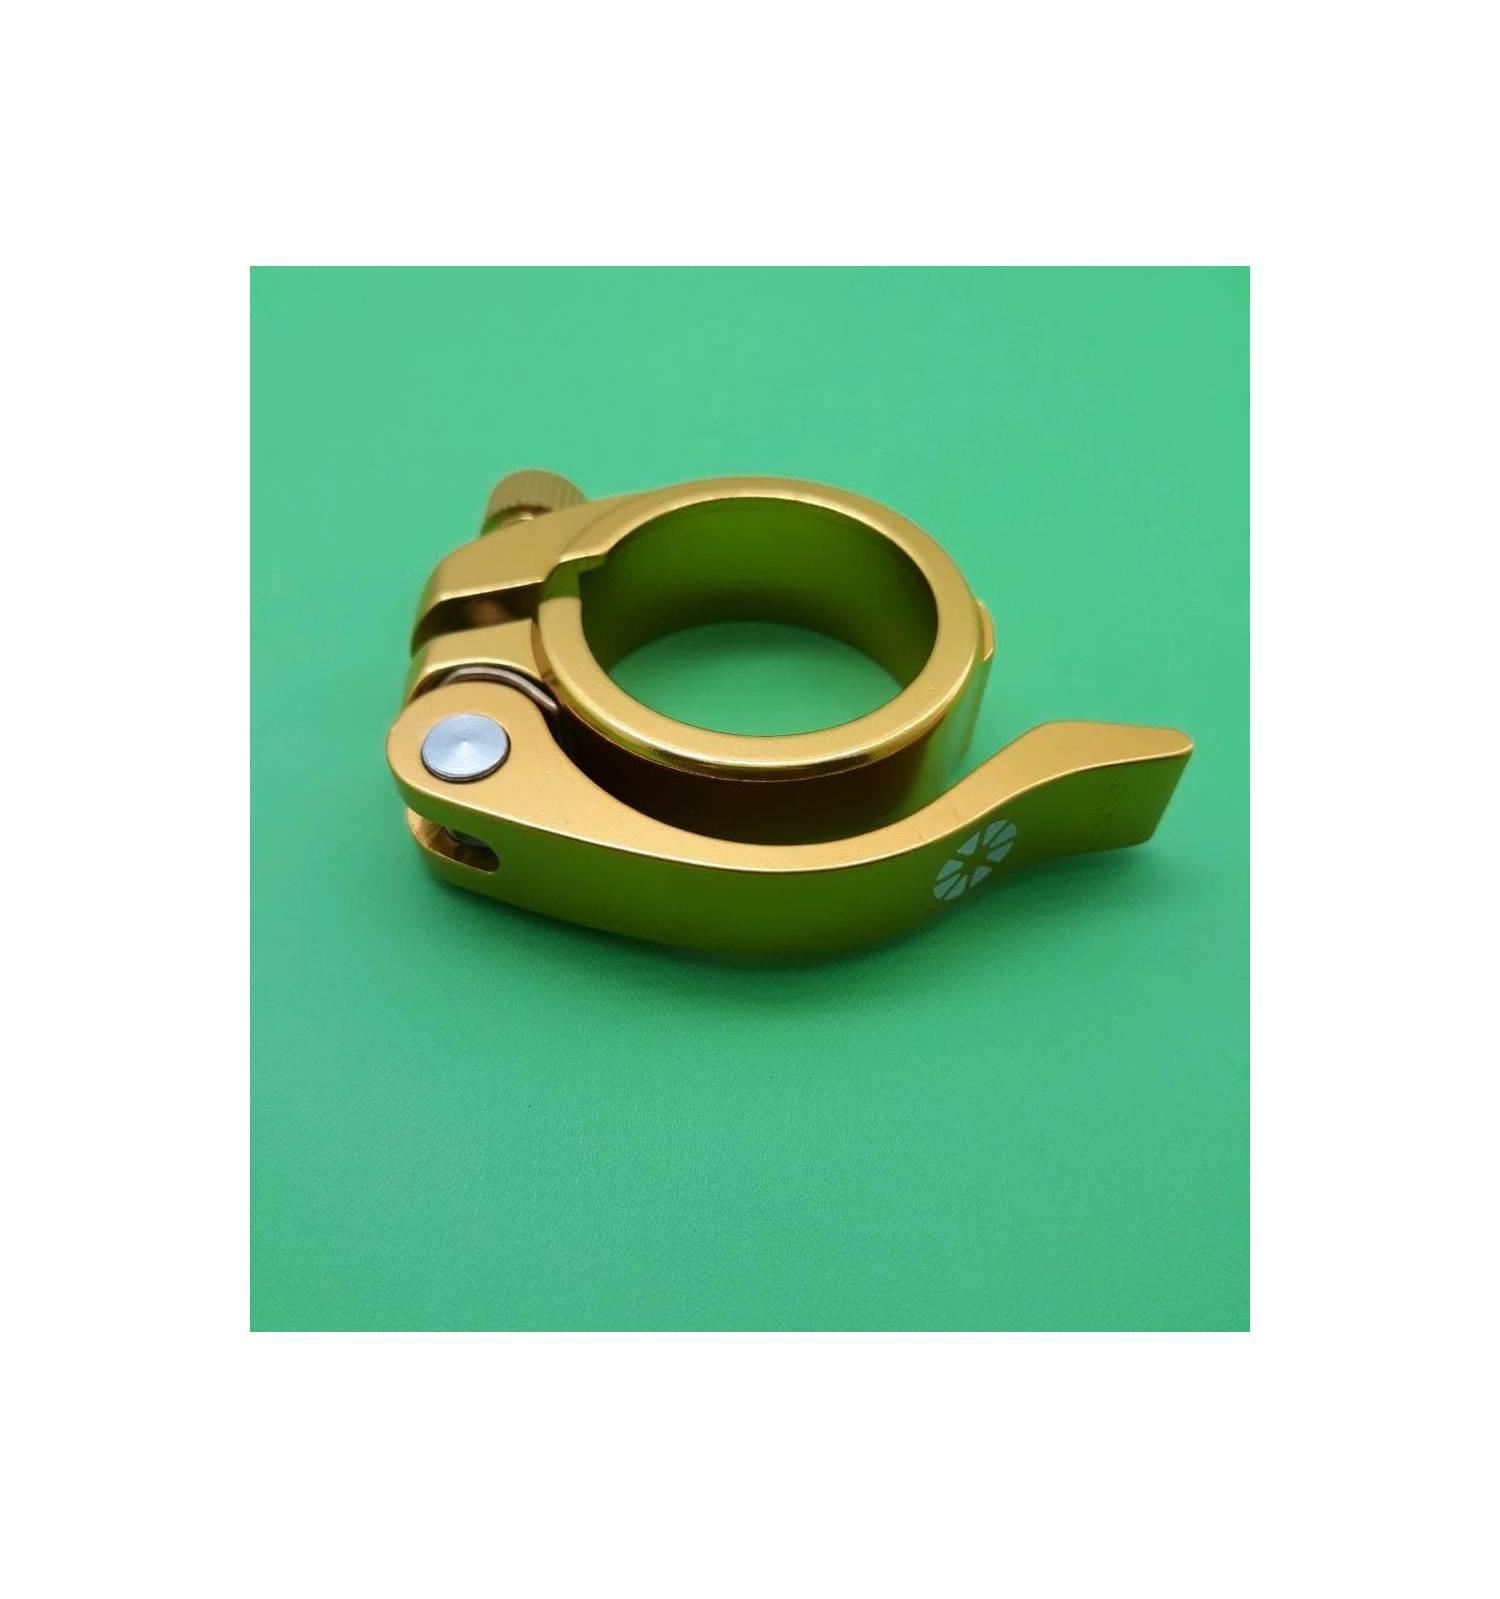 Beli Dahon Roo Store Marwanto606 Produk Ukm Bumn Earring Mas Putih Mutiara Laut Special Seatclamp 40 9mm Seatpost Clamp Sepeda Lipat Warna Gold